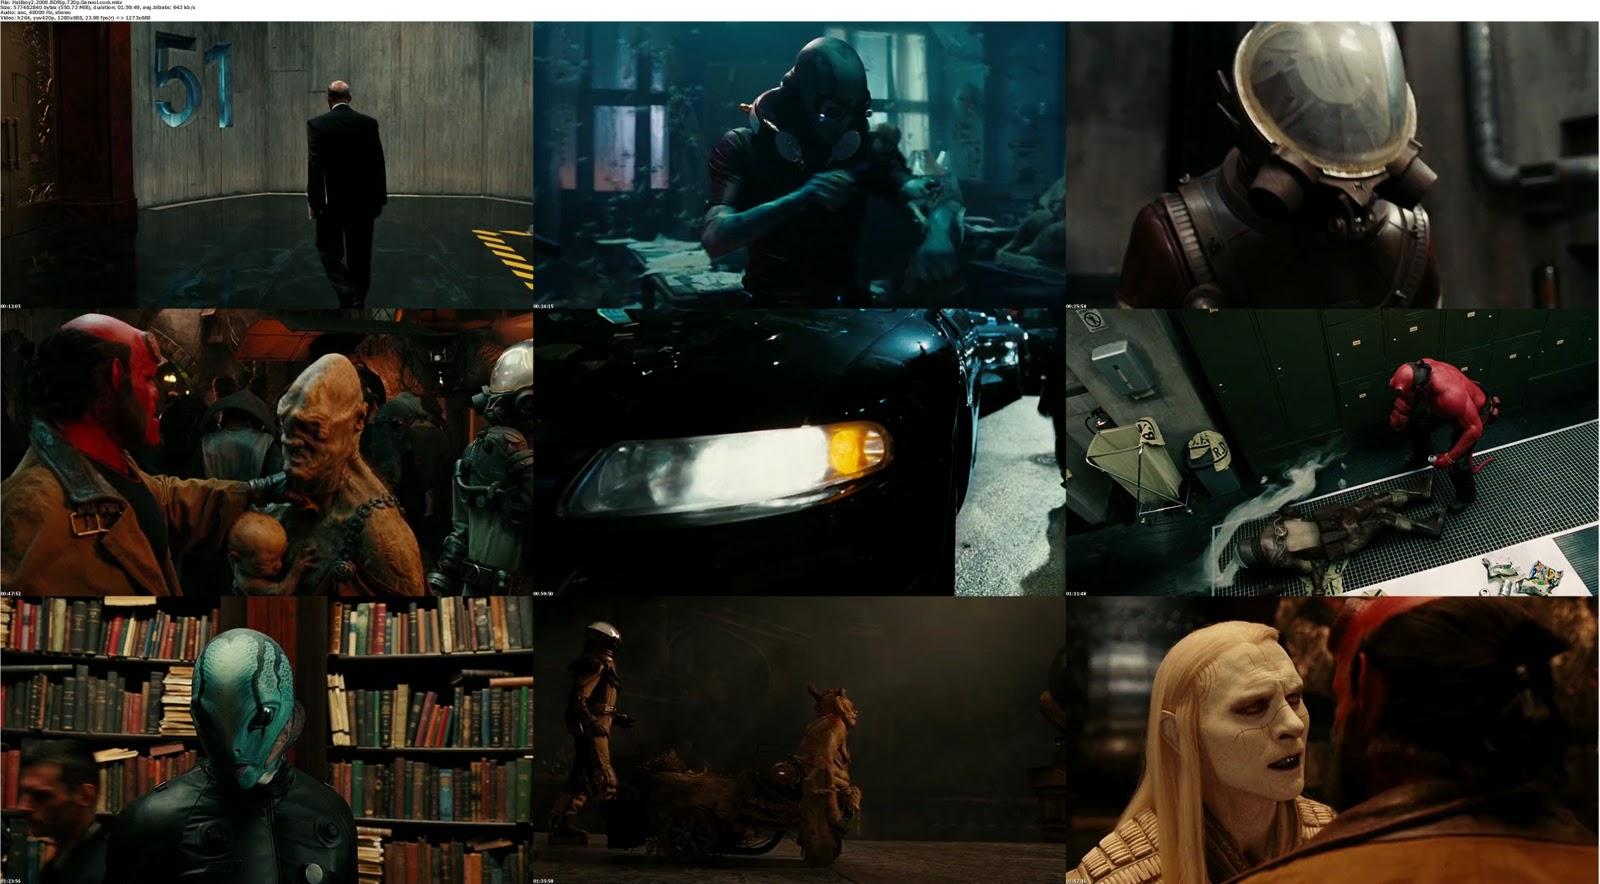 http://2.bp.blogspot.com/-Uvmb7kZU0Ng/TWXyDHBKL9I/AAAAAAAAEJo/Tghyfd2cukQ/s1600/Hellboy+II+The+Golden+Army+Screen.jpg